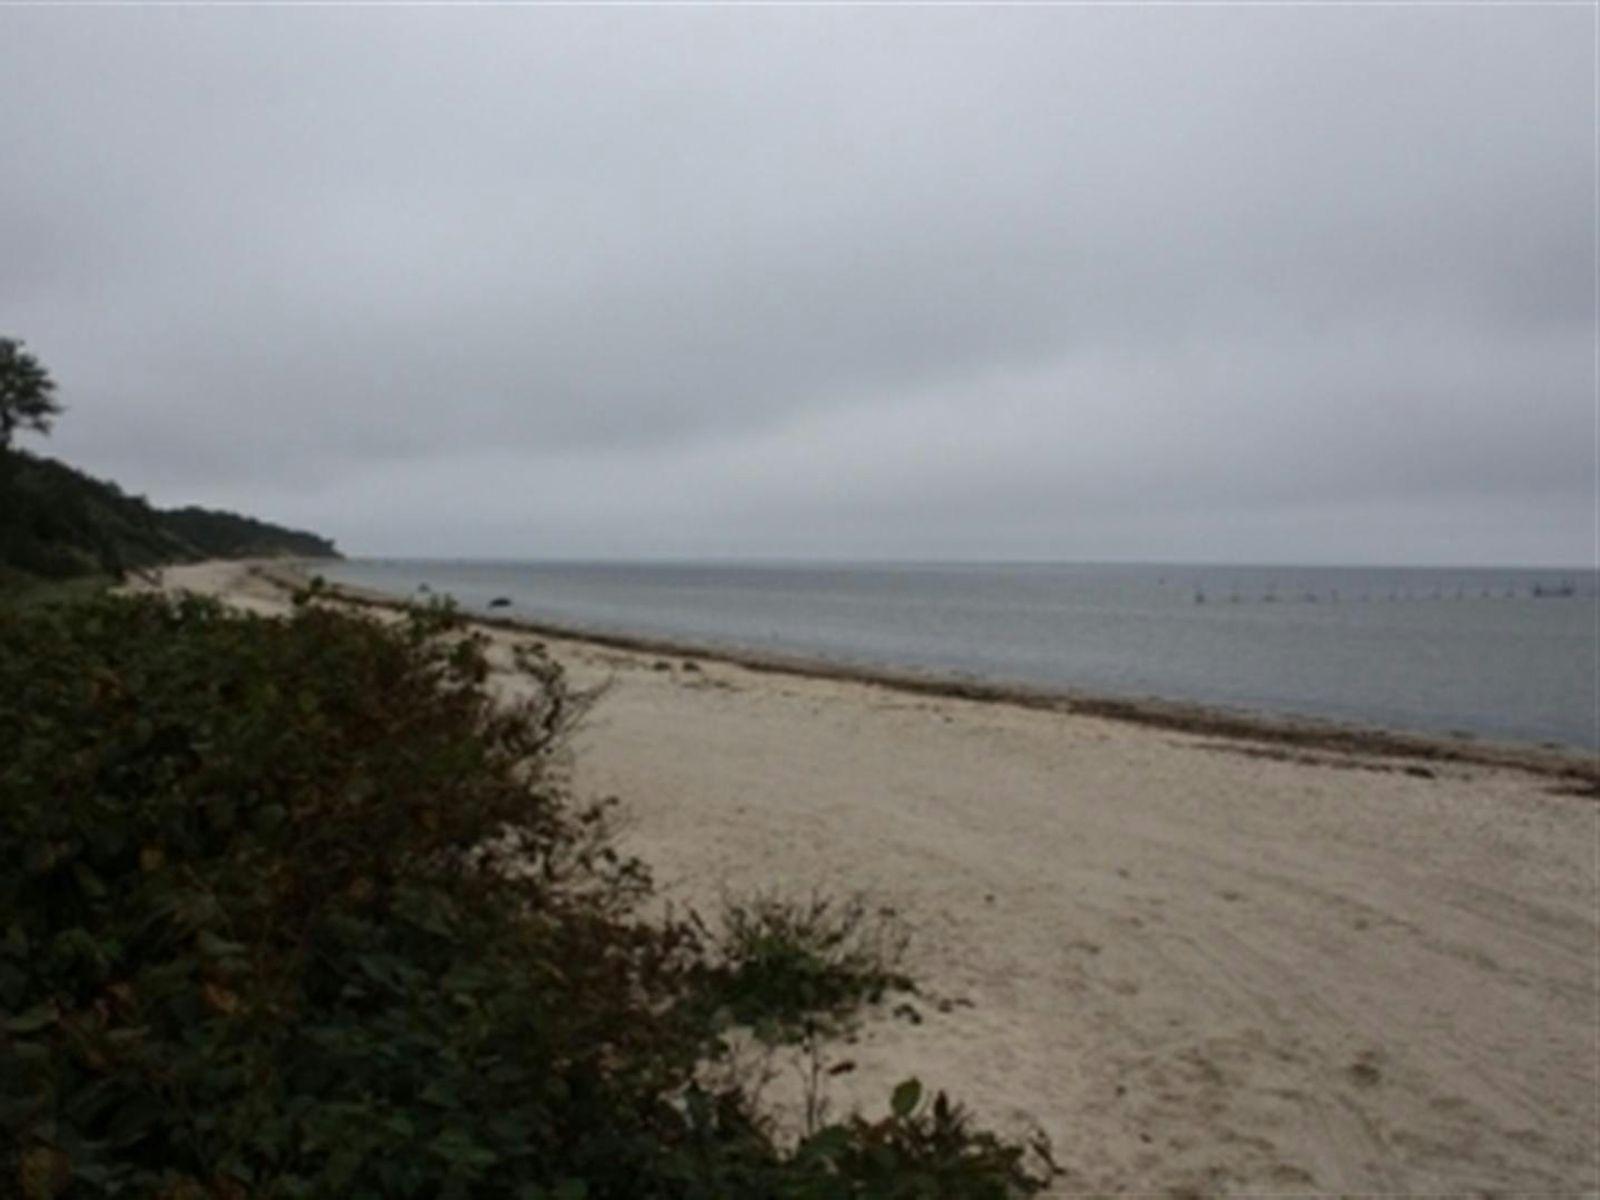 Sammy's Beach is Minutes Away